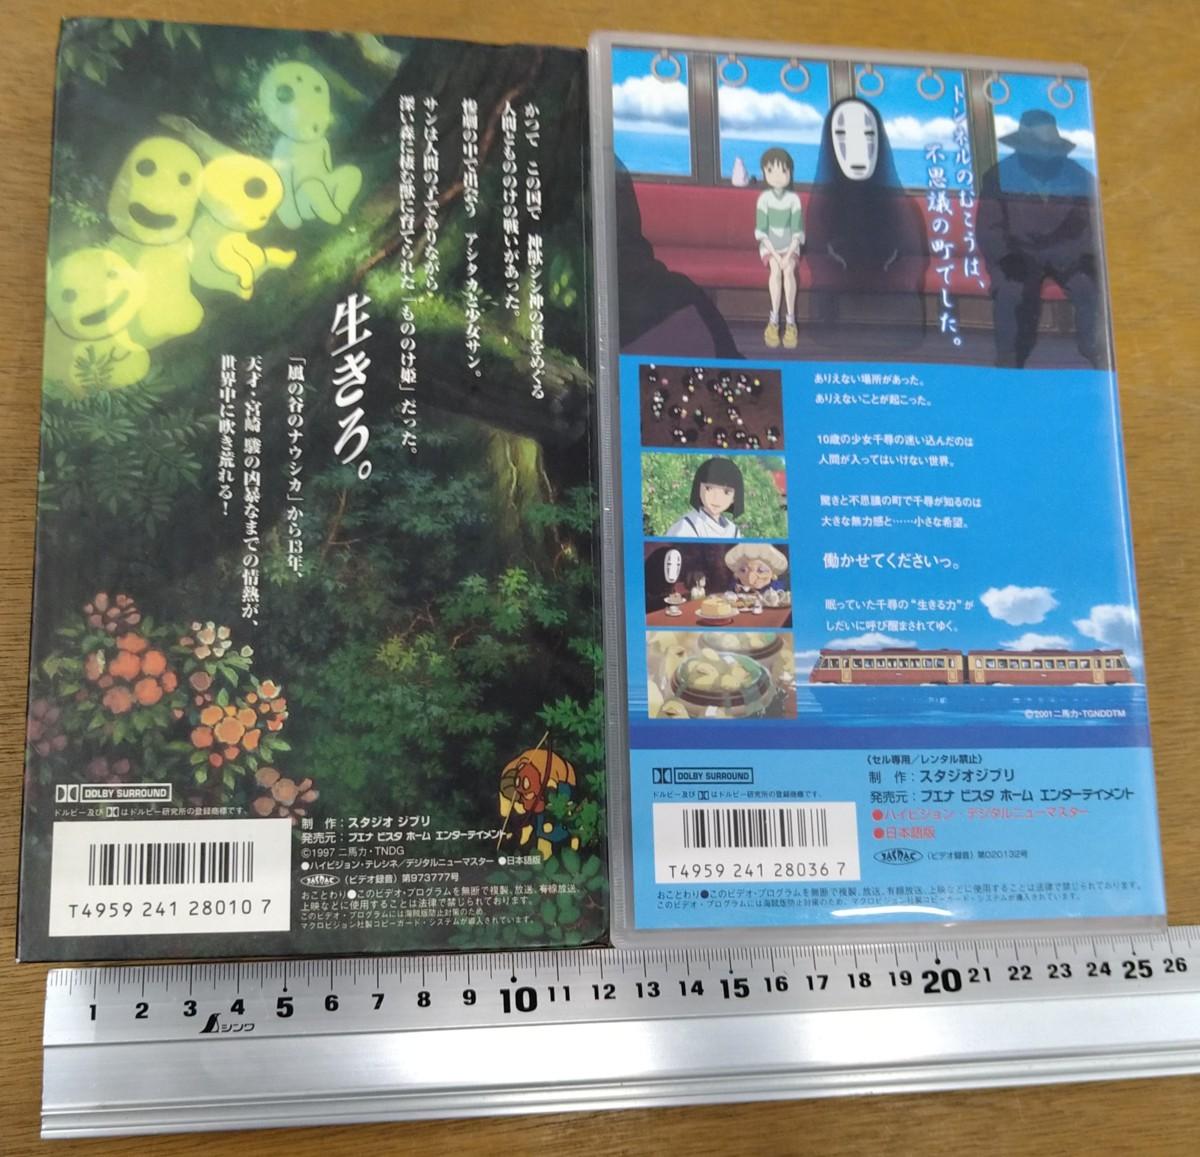 【中古品】ジブリがいっぱい 宮崎駿 もののけ姫 千と千尋の神隠し VHS ビデオ テープ セット Z1169_画像2